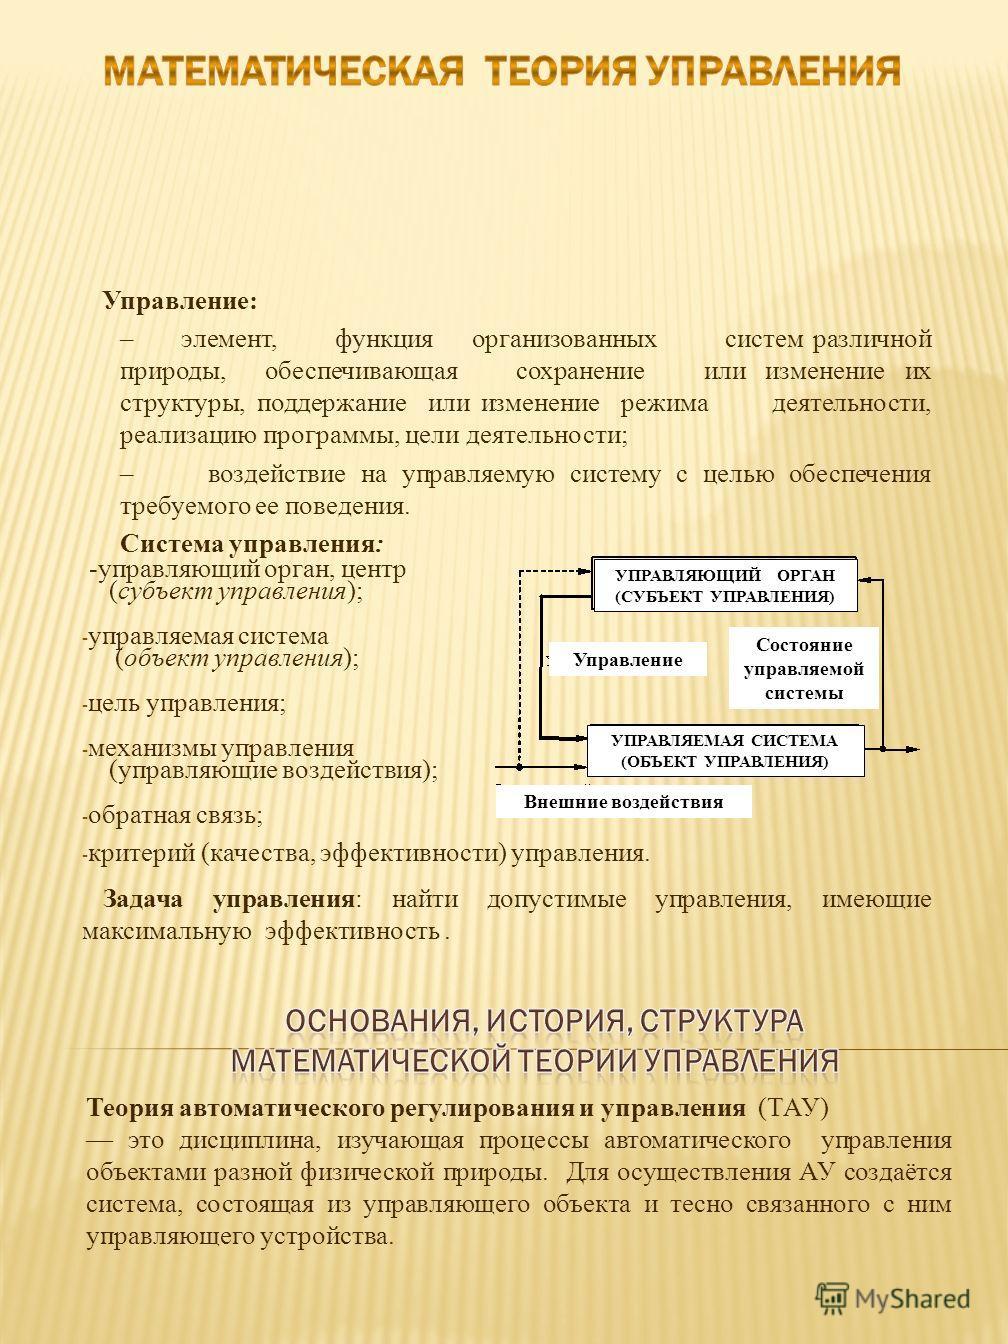 презентация информационное обеспечение сапр